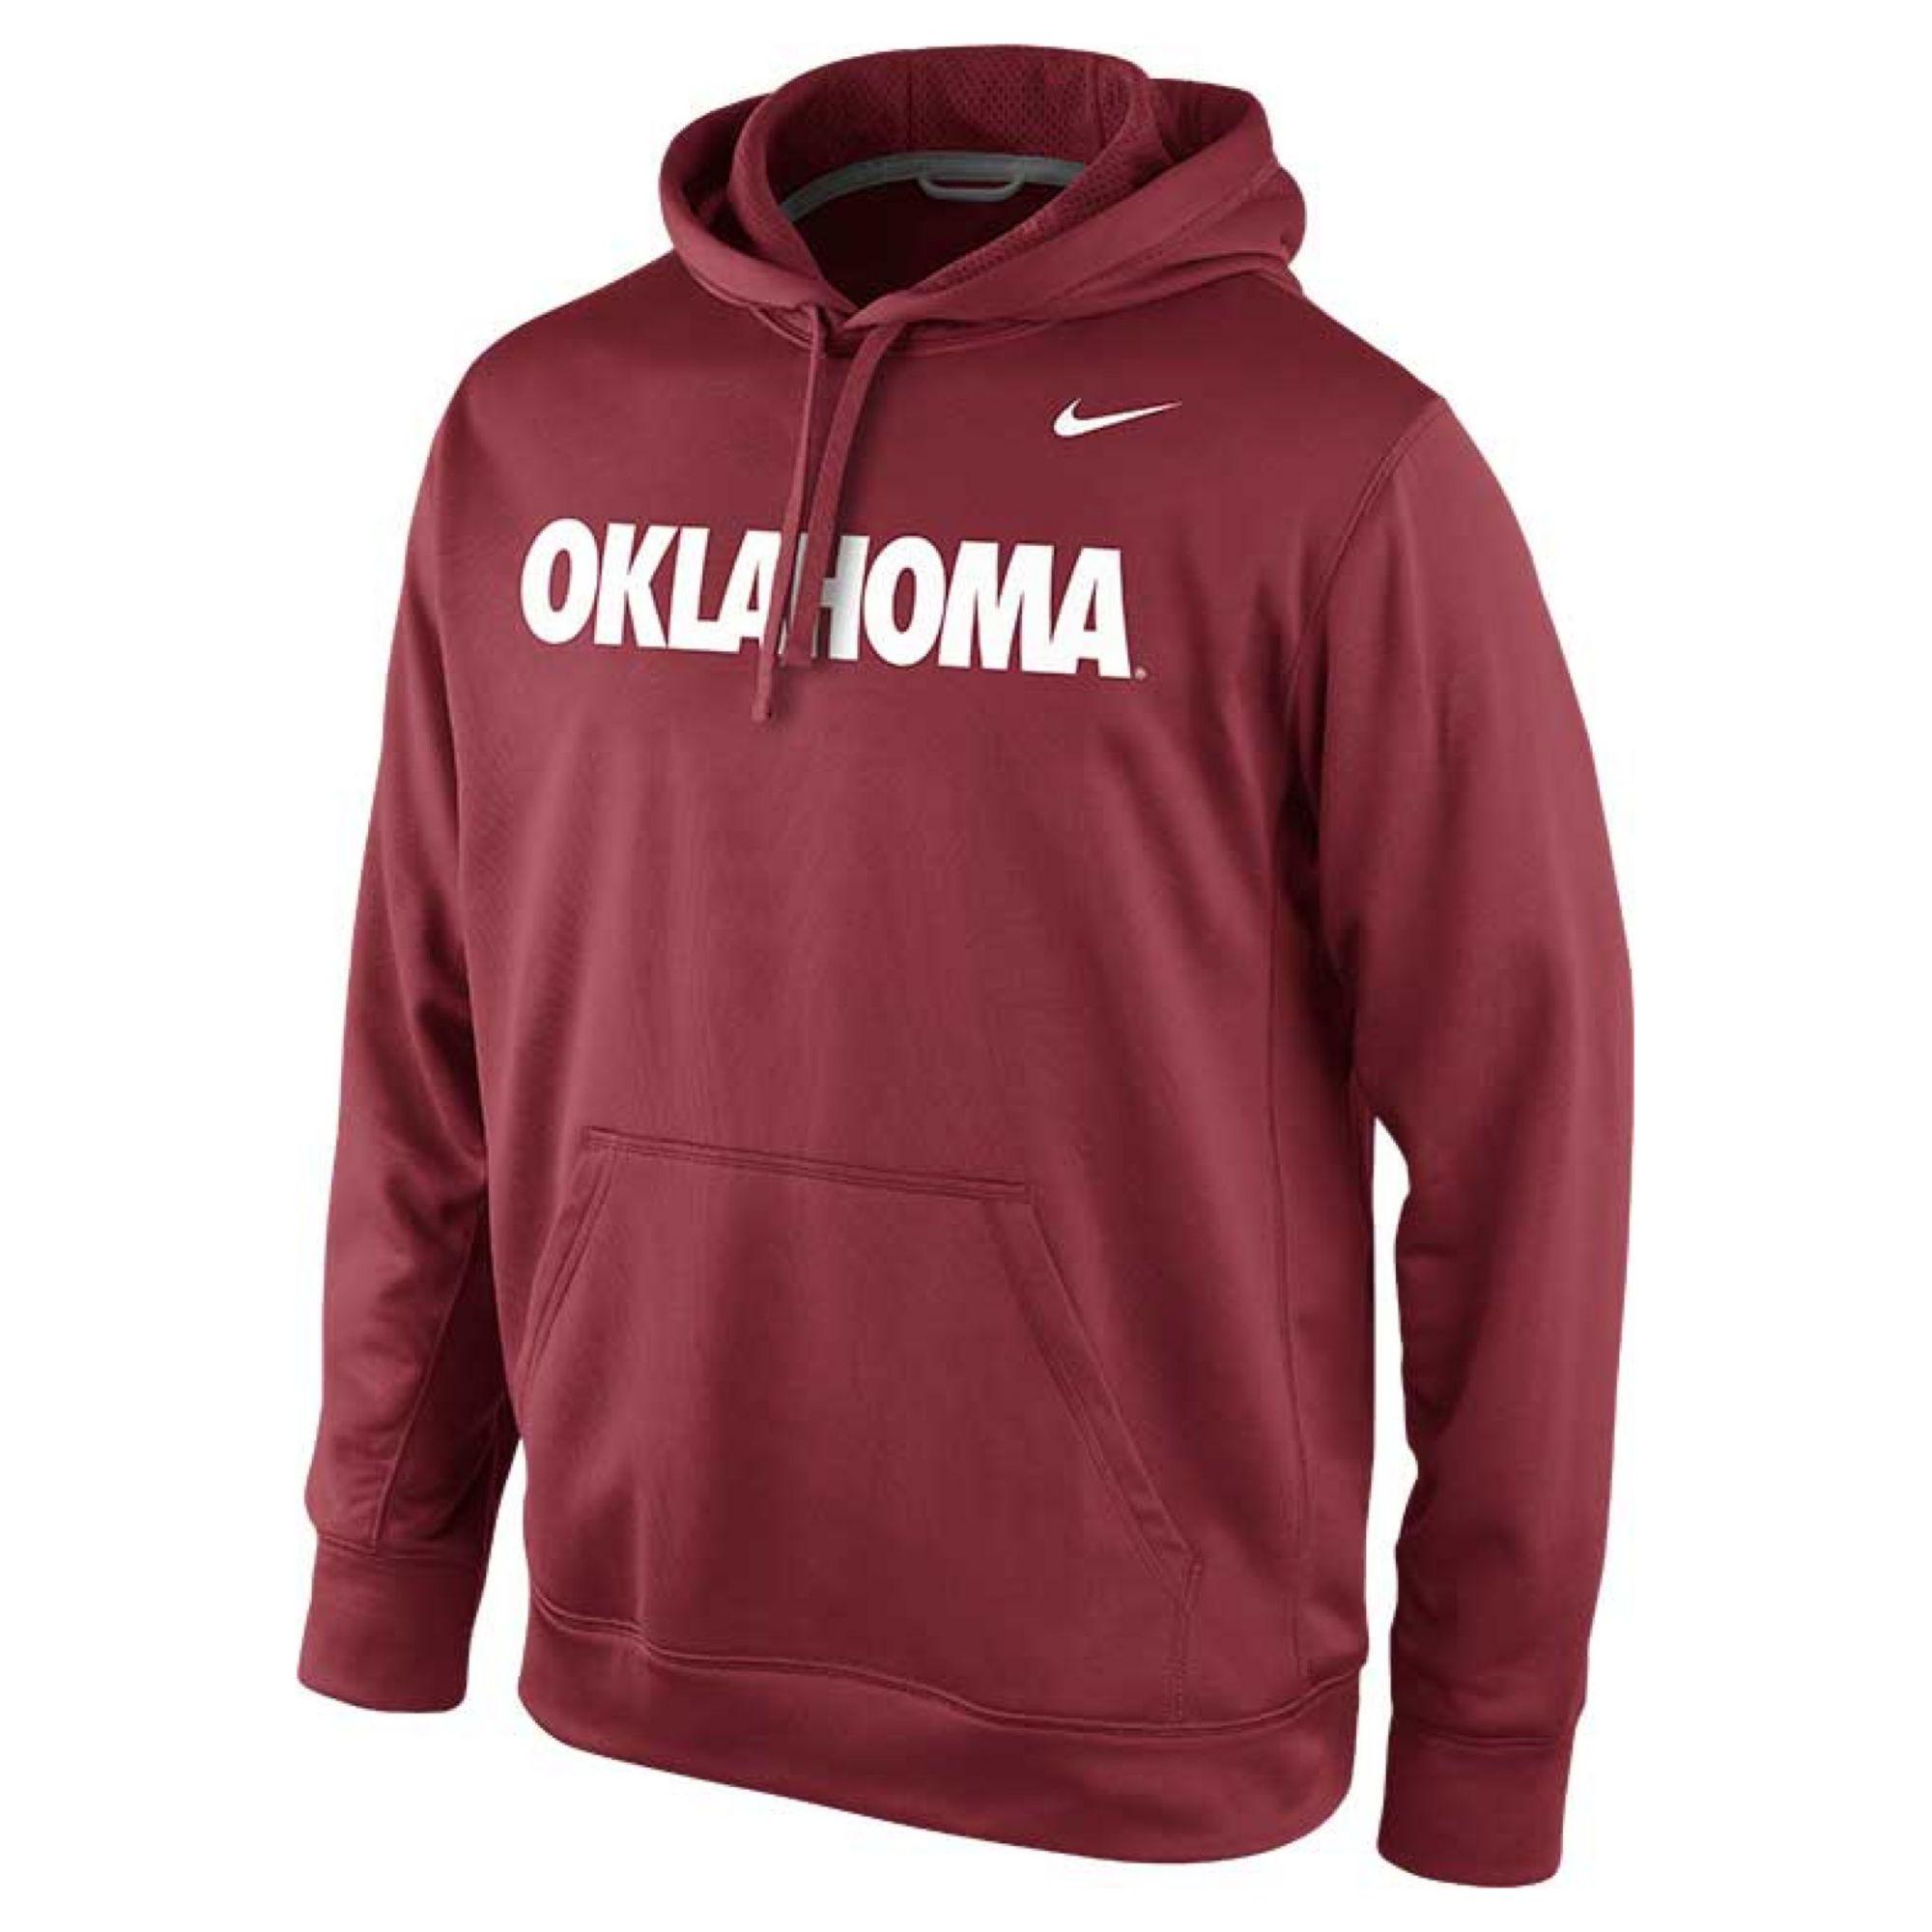 Oklahoma sooners hoodie